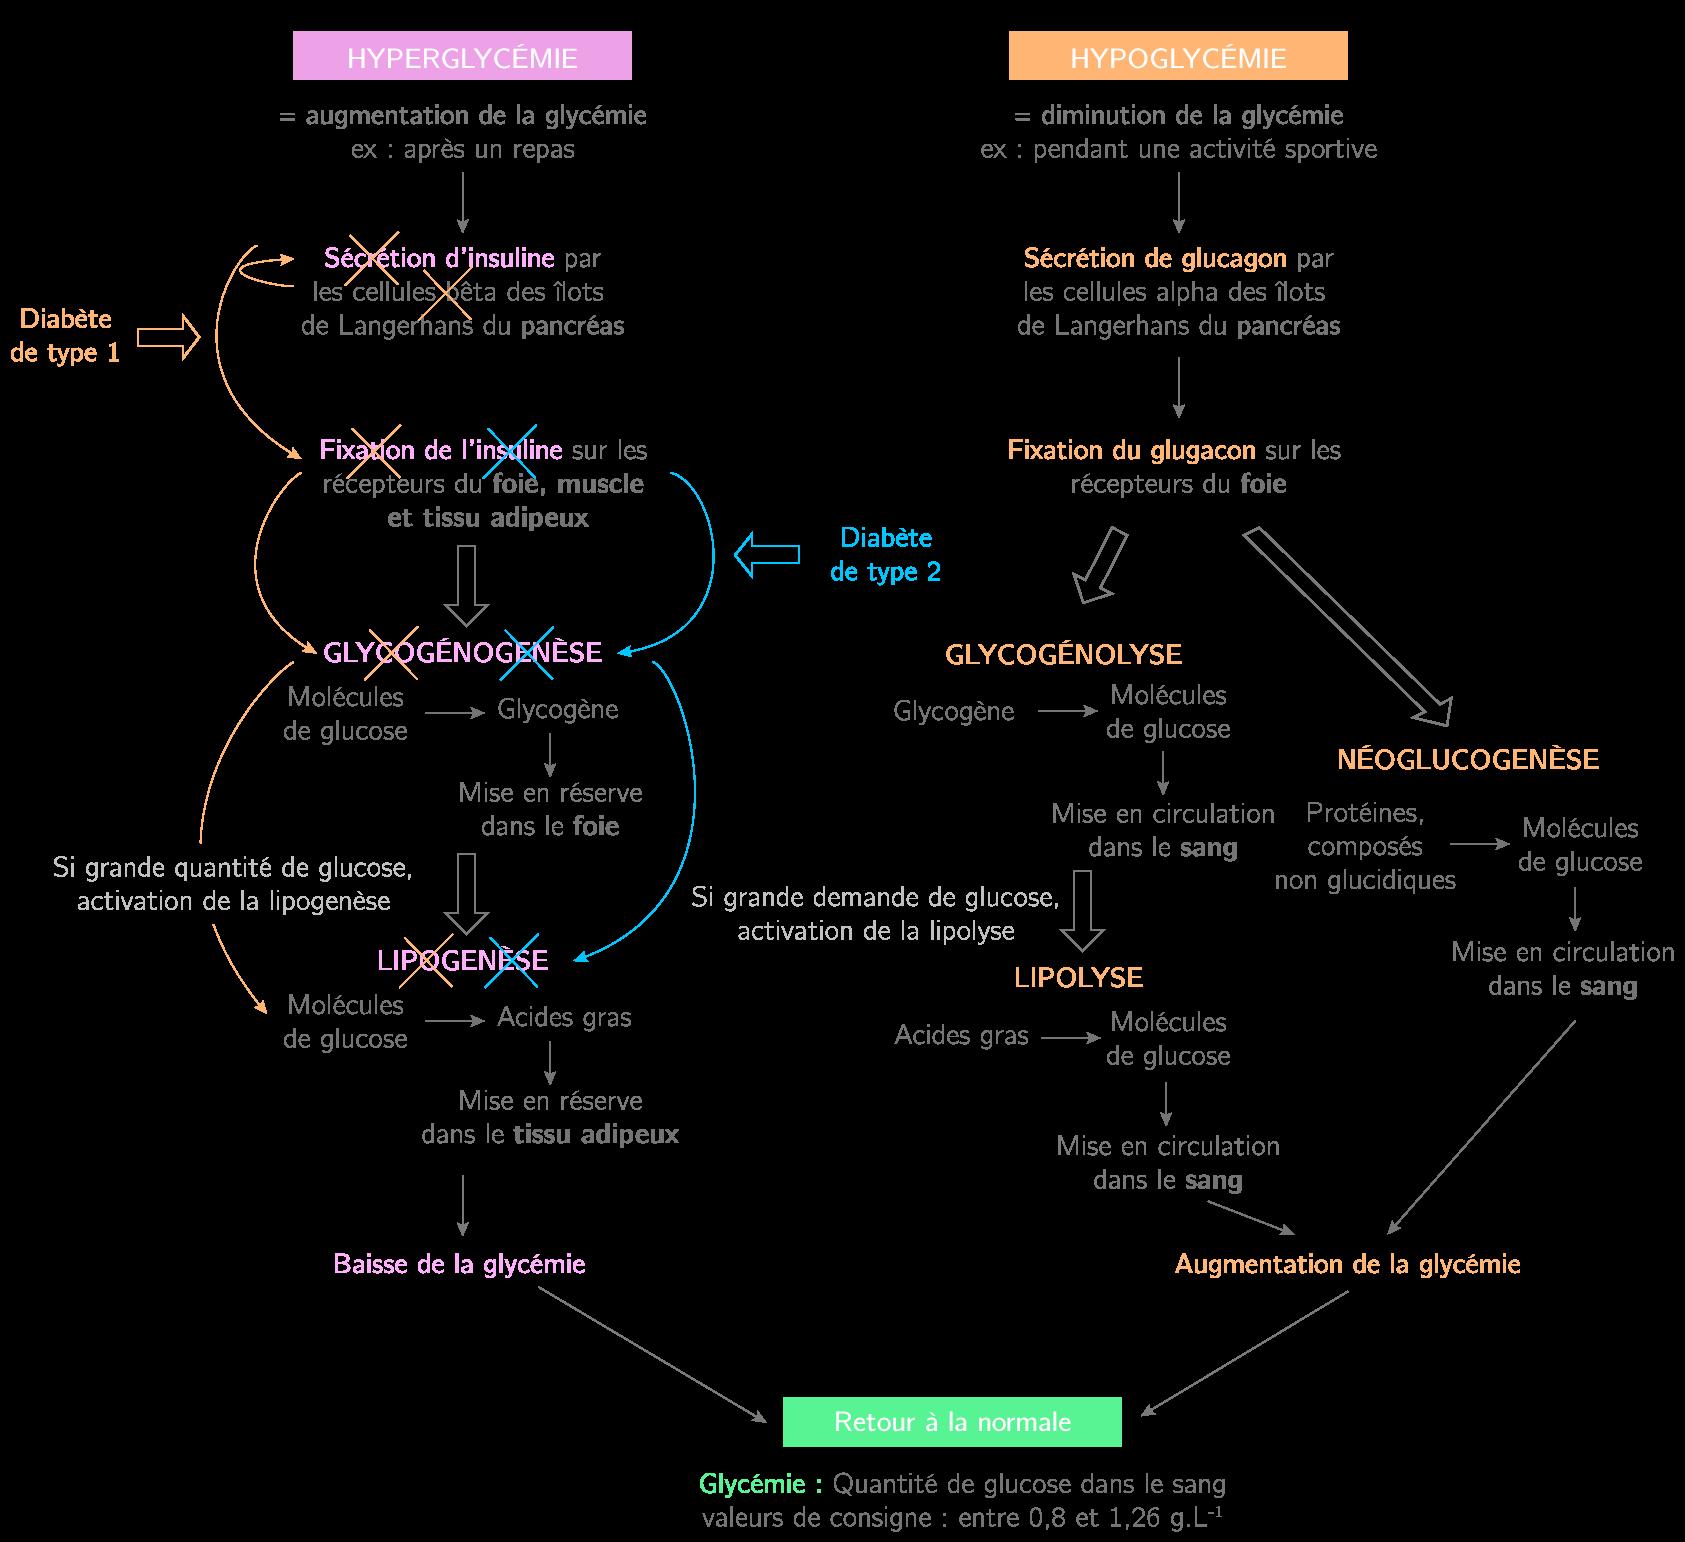 Schématisation de la régulation de la glycémie